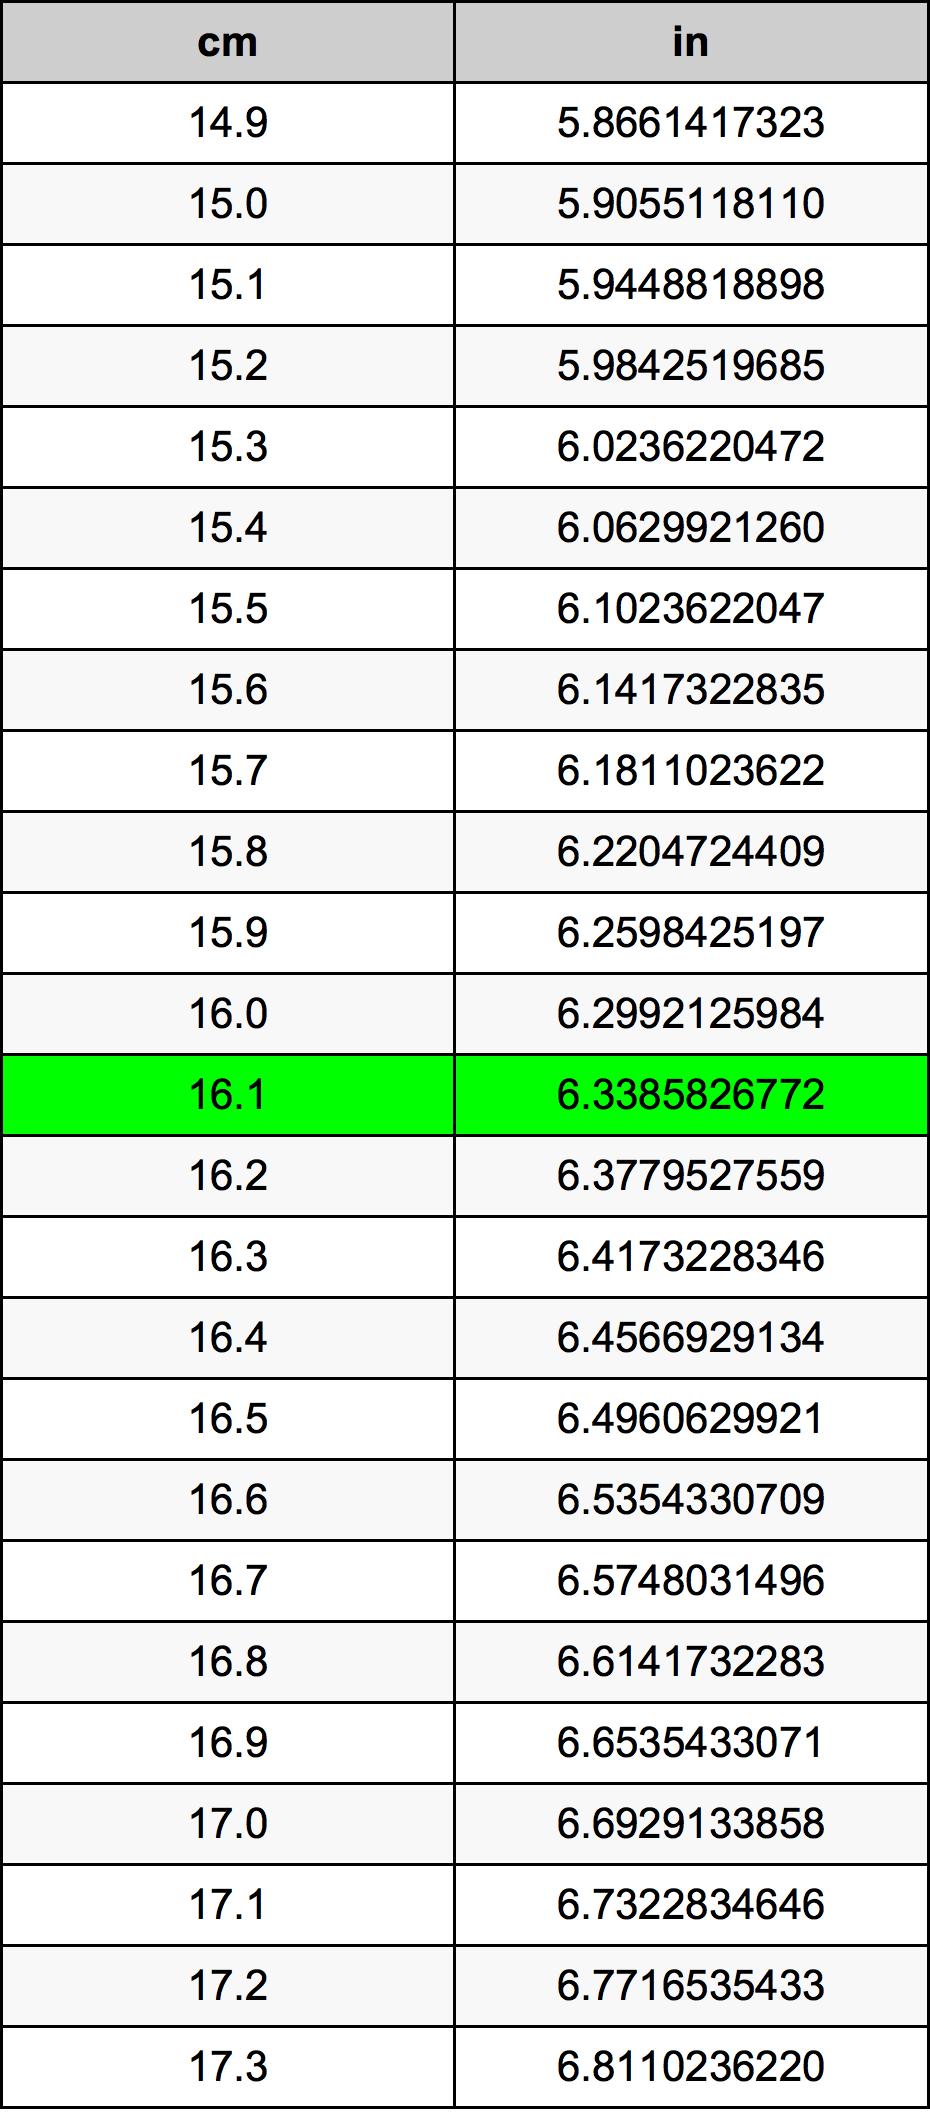 16.1 Xentimét bảng chuyển đổi